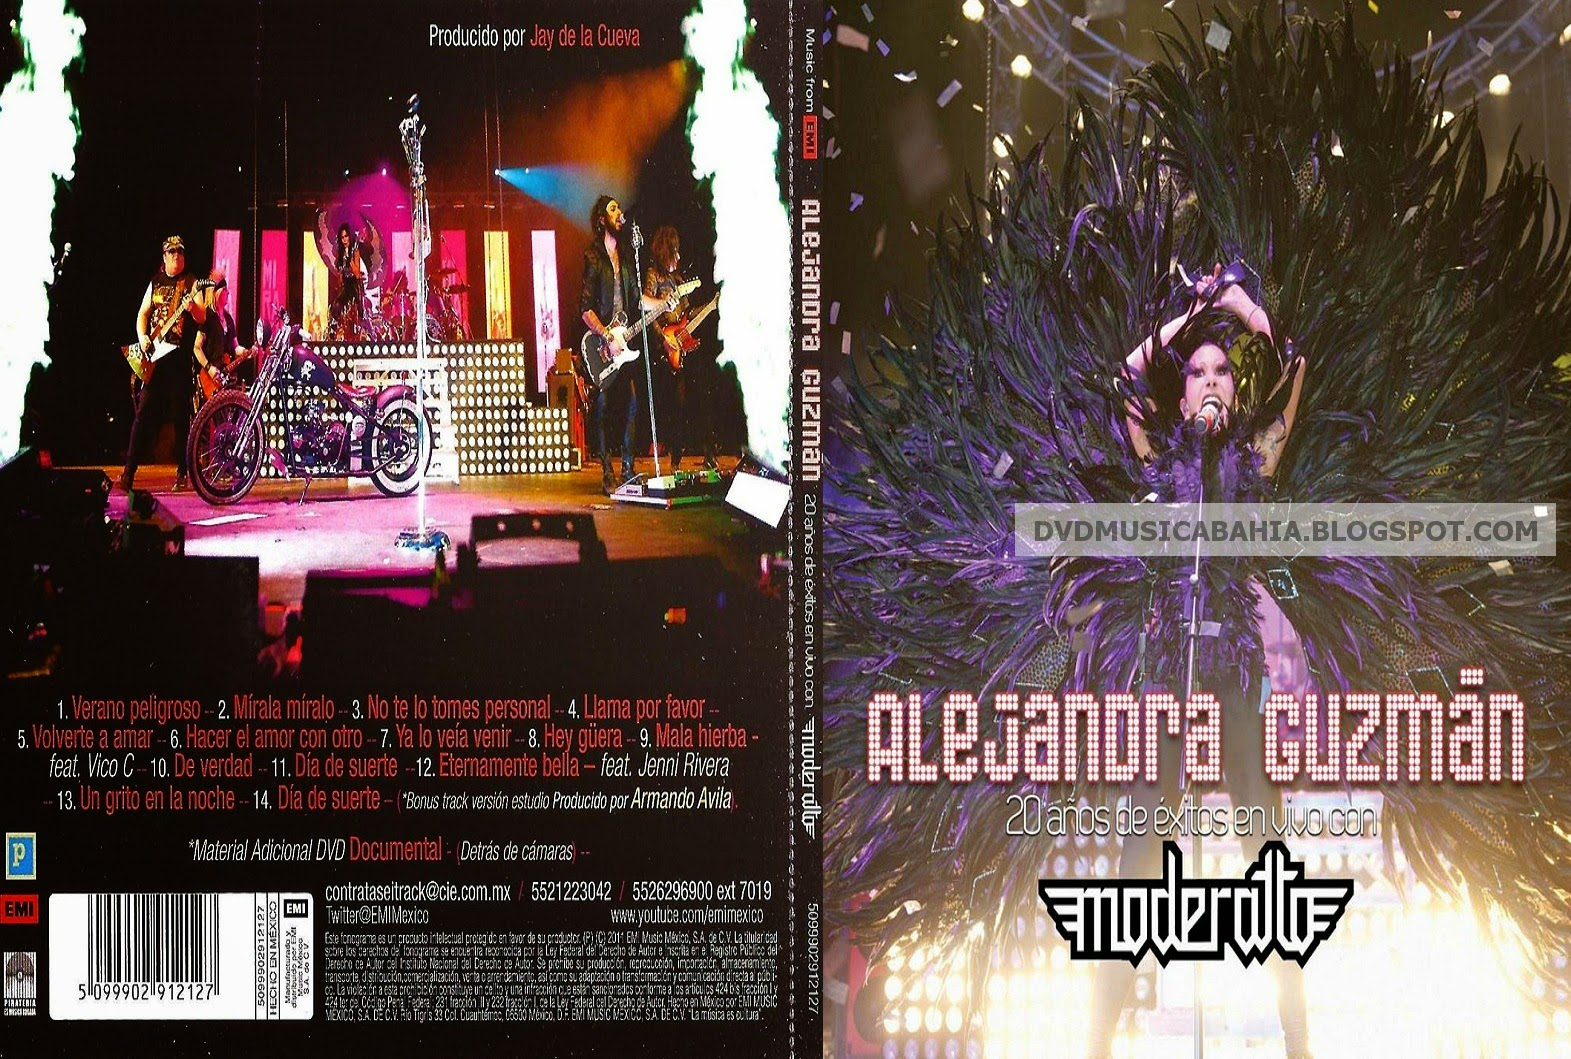 gratis dvd alejandra guzman y moderatto